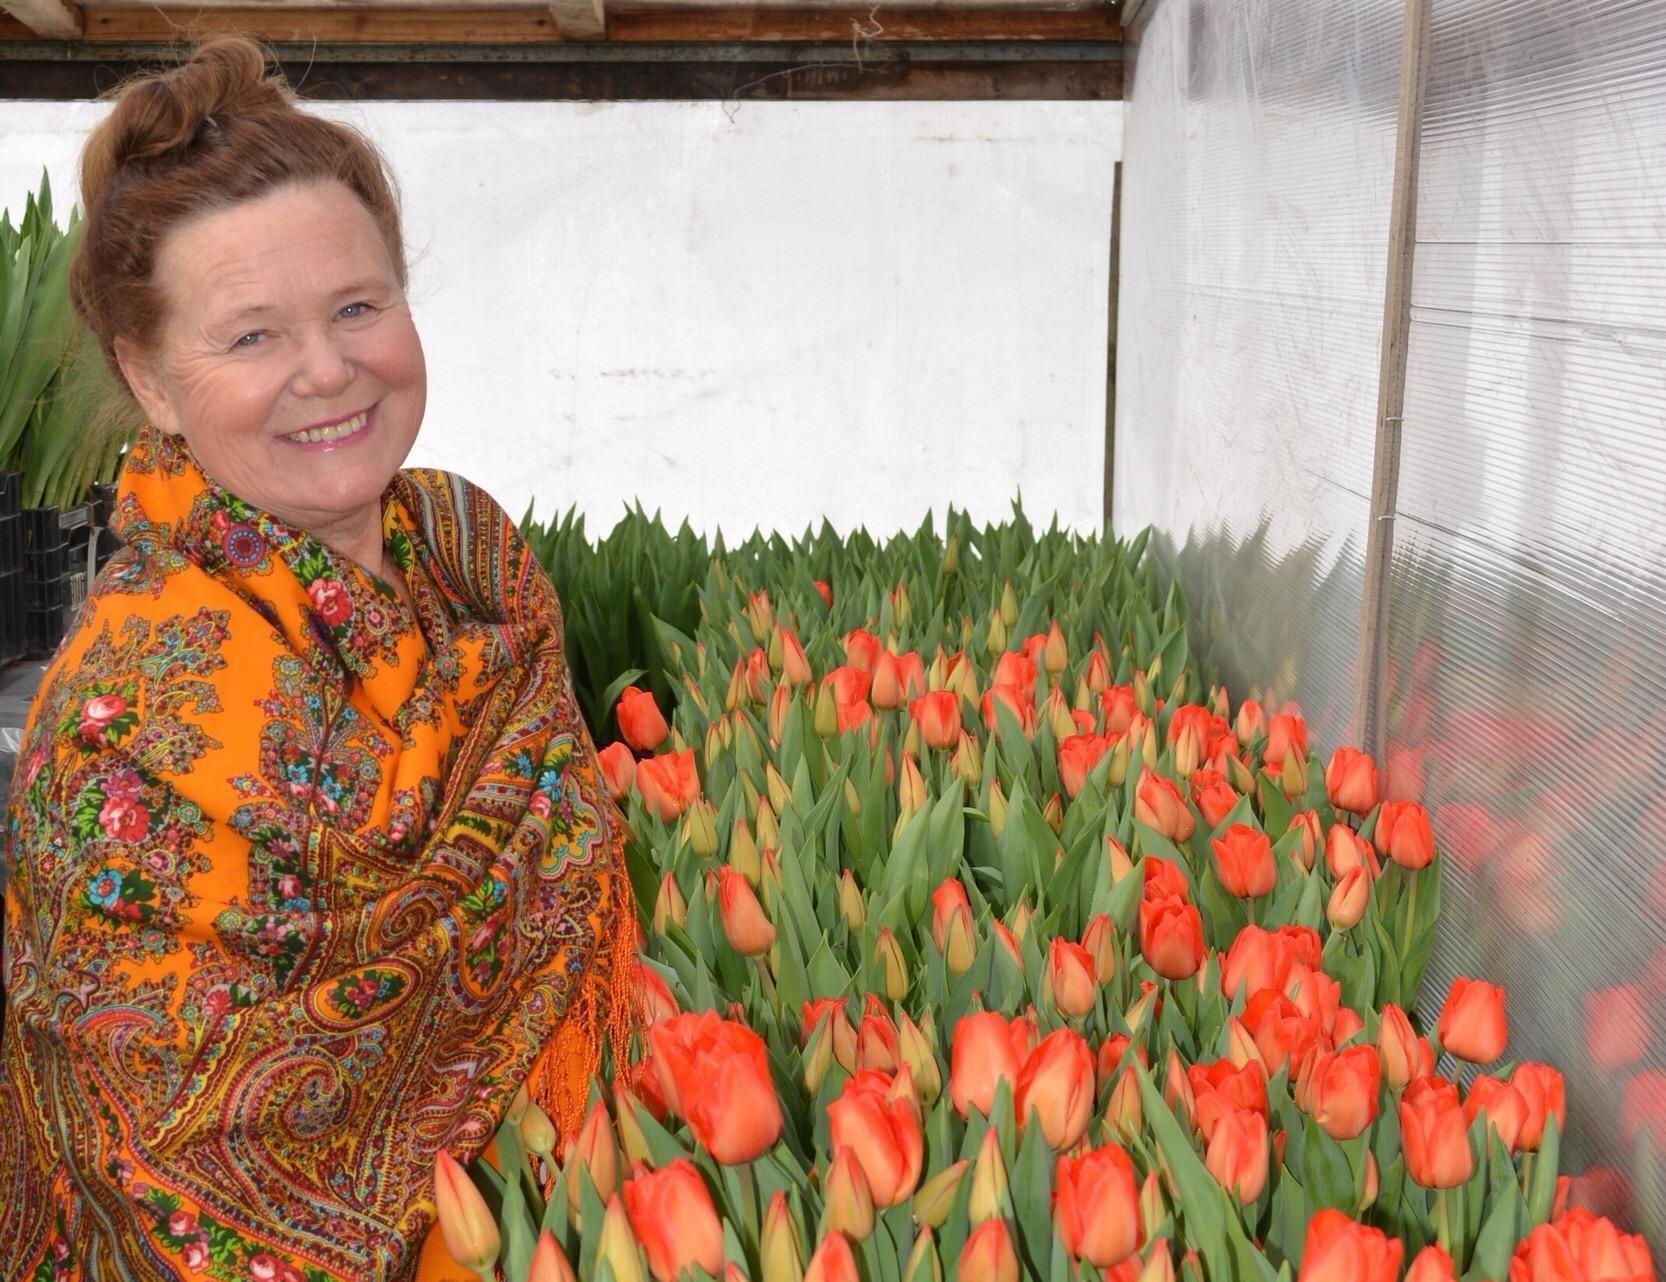 фото Агрономы рассказали, когда в Новосибирске самое время сажать картошку 2